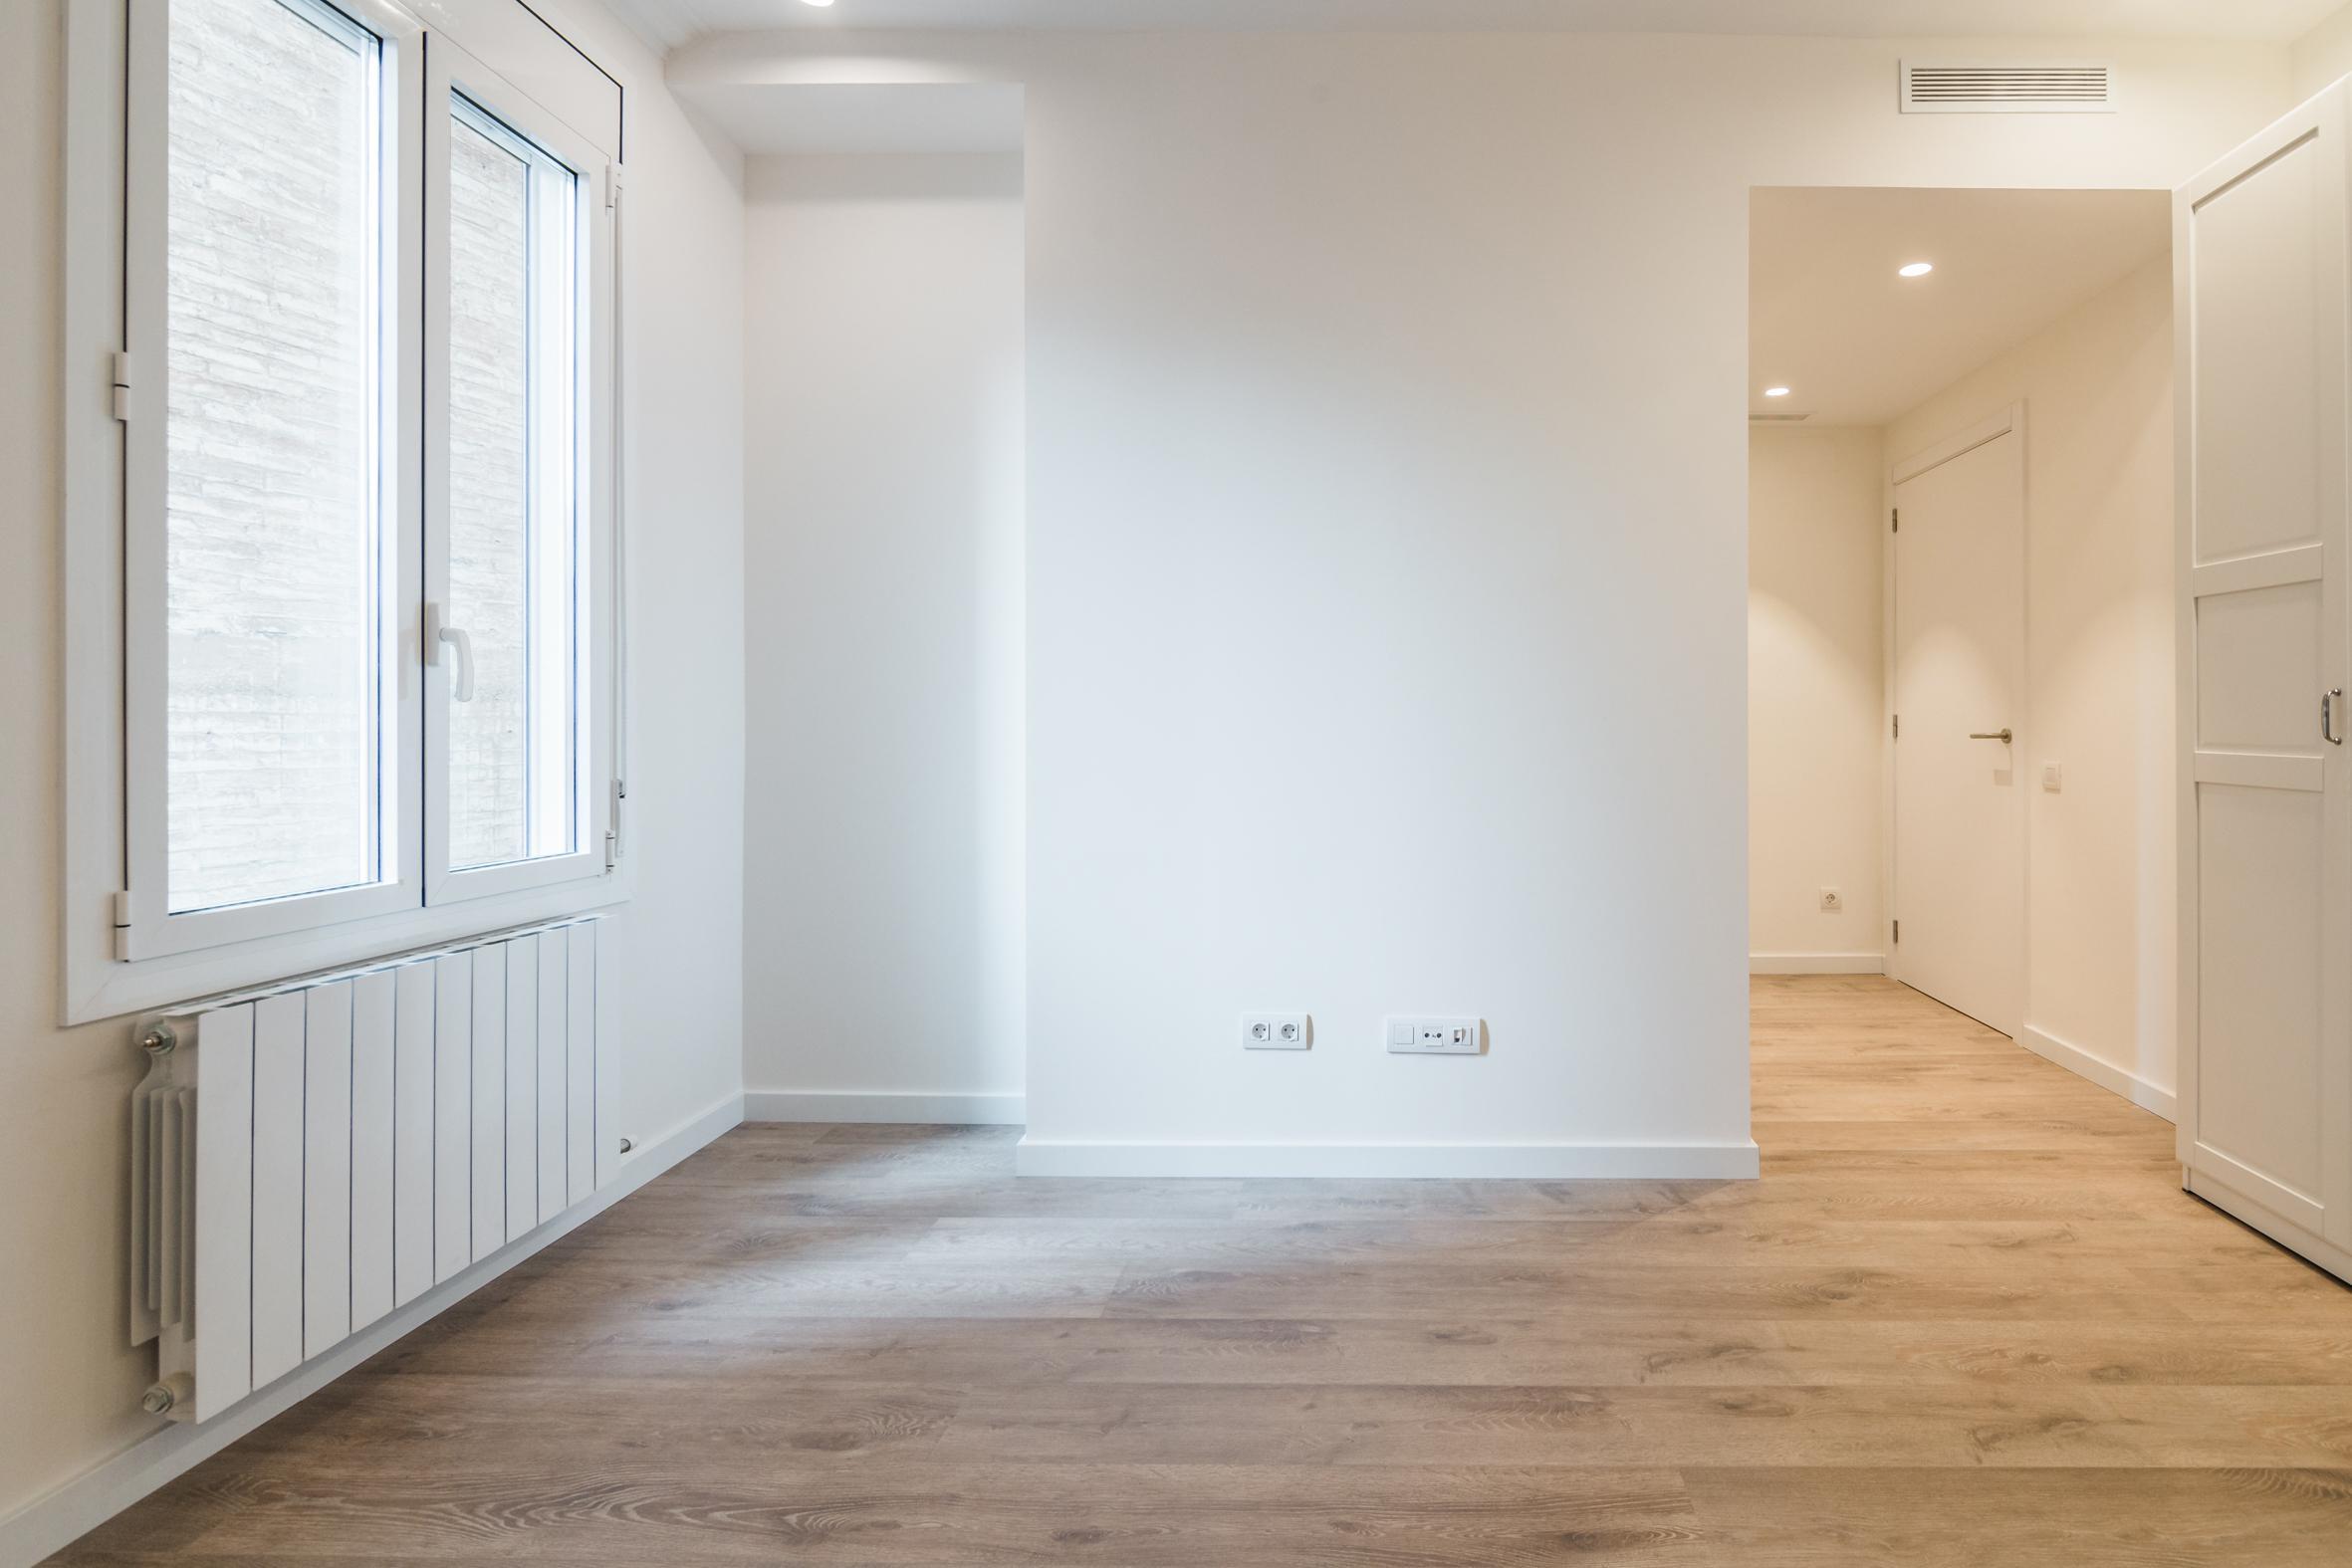 202959 Apartamento en venda en Sarrià-Sant Gervasi, St. Gervasi-Bonanova 5